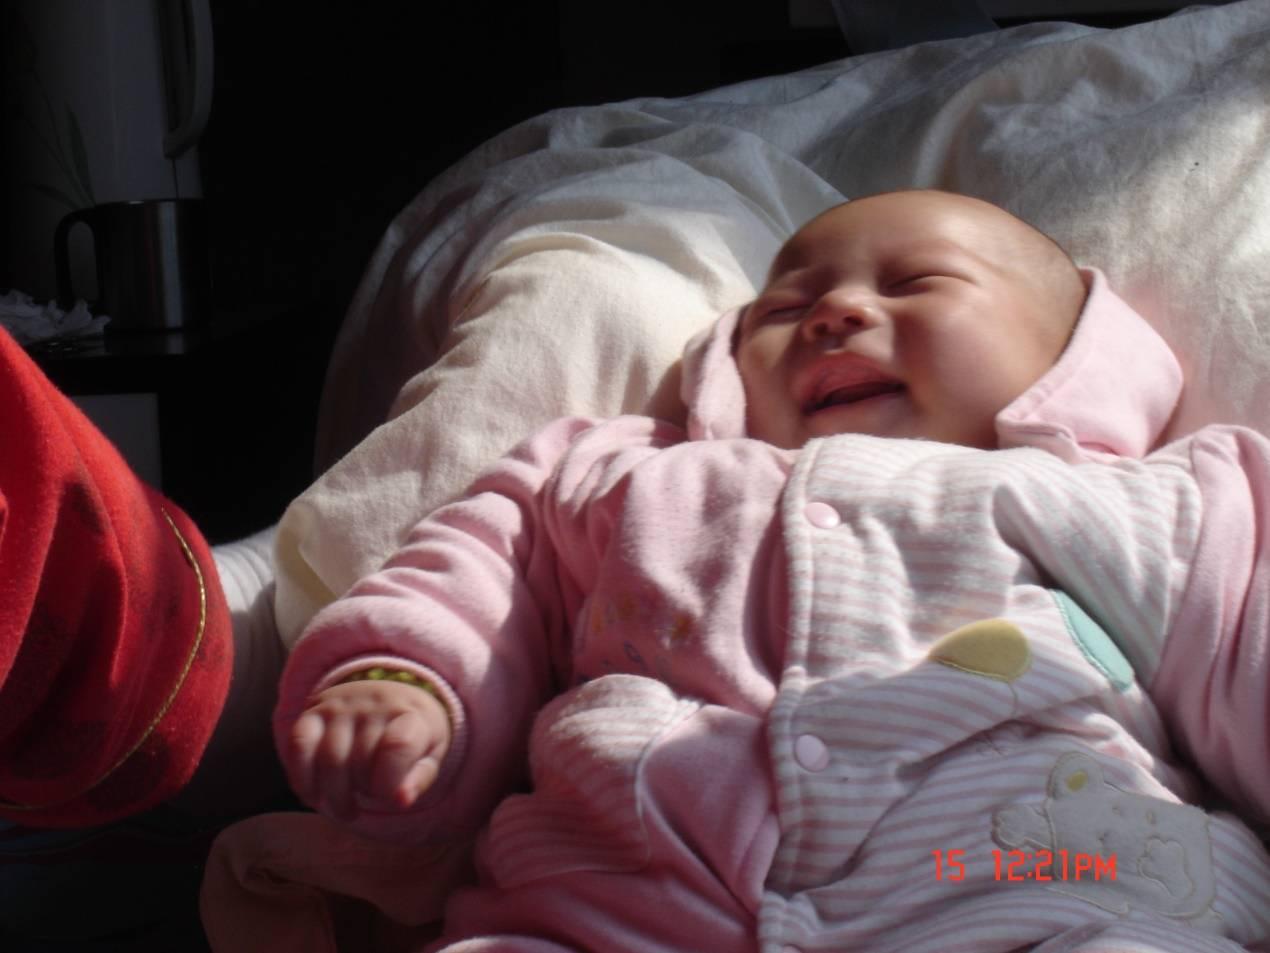 別拒絕寶寶的這五個動作,雖然討人厭,但其實是他們在笨拙地示愛